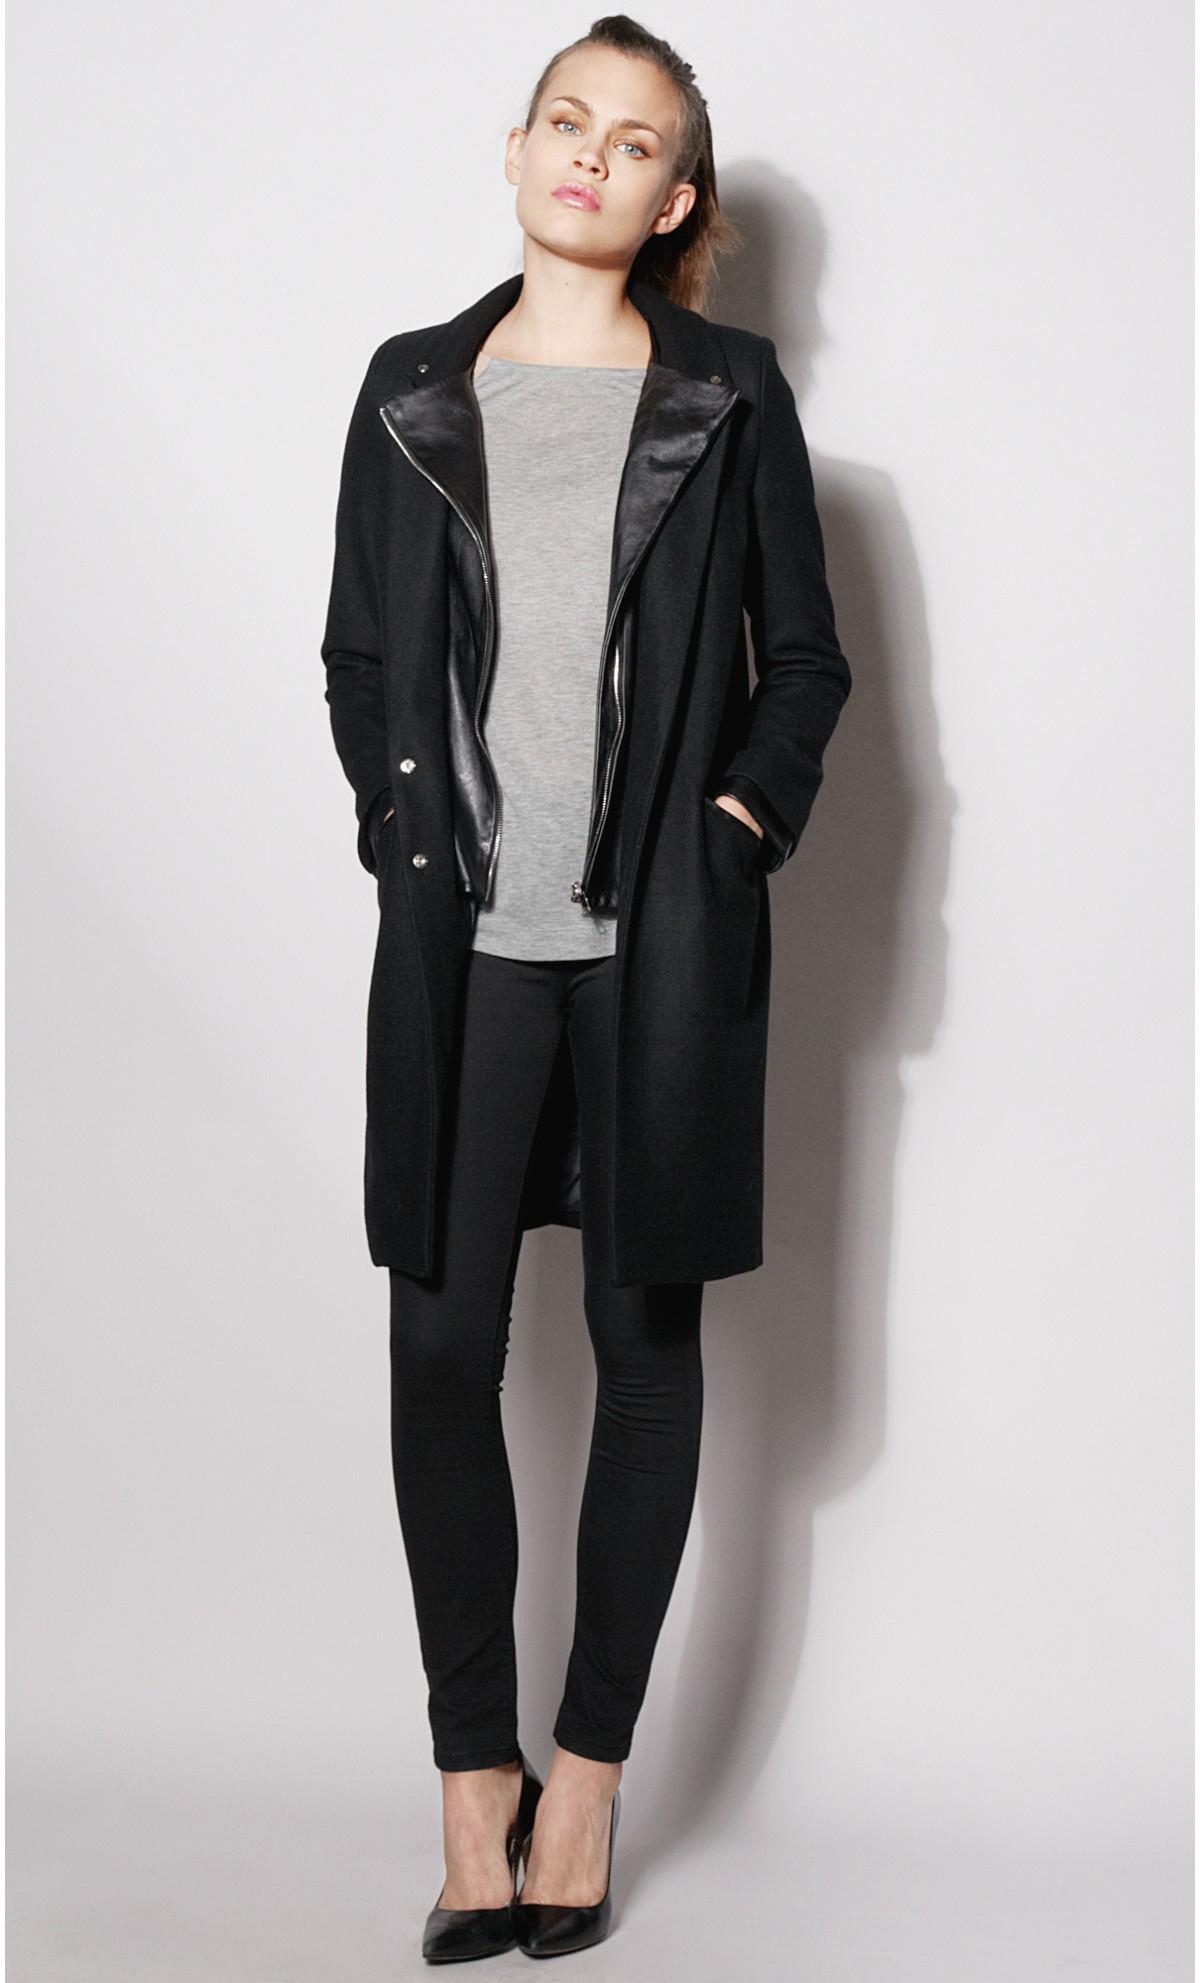 Manteau femme long laine et cuir